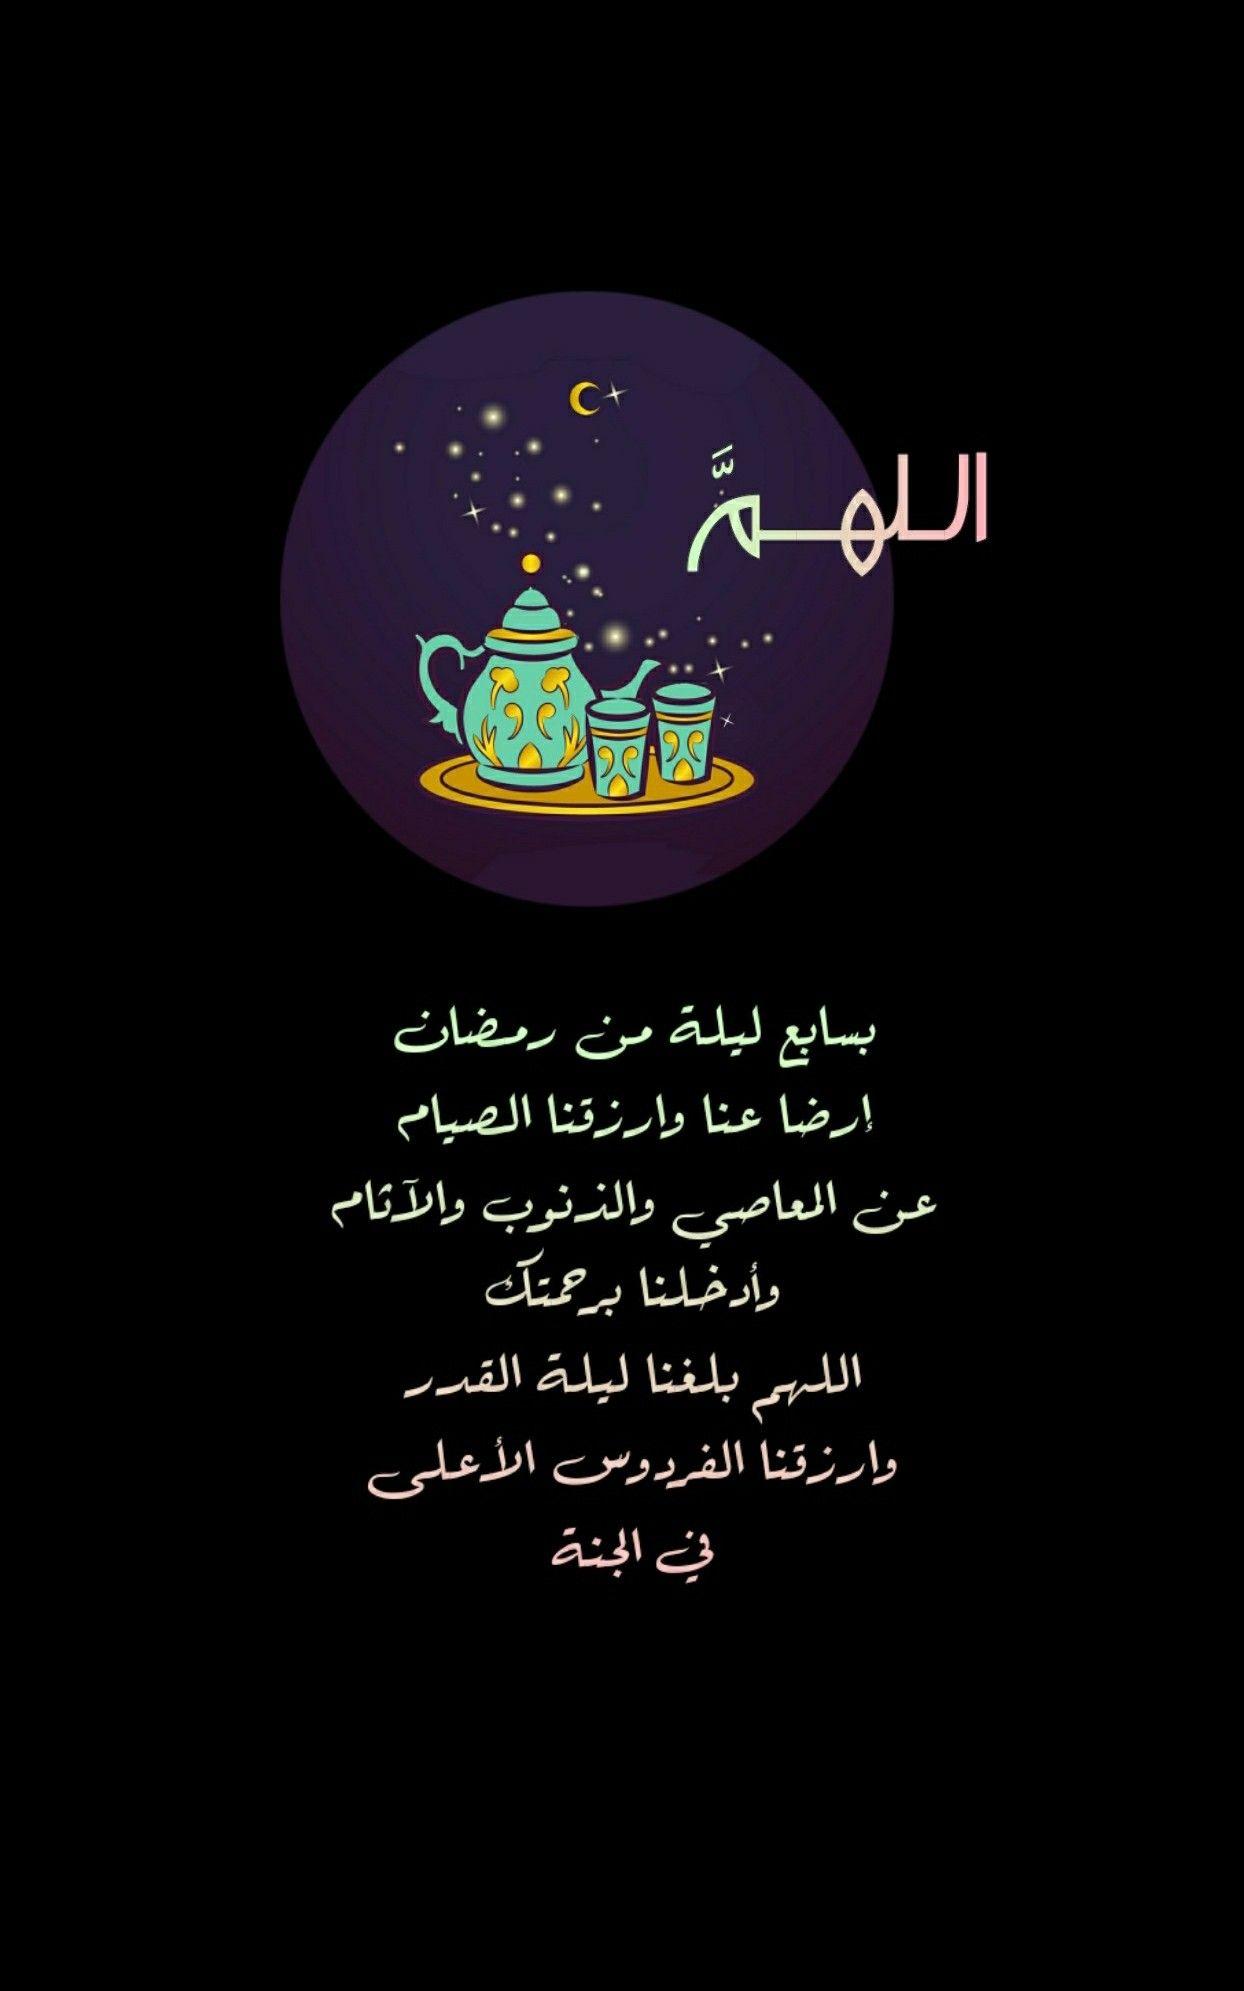 الـلــ هــم بسابع ليلة من رمضان إرضا عنا وارزقنا الصيام عن المعاصي والذنوب والآثام وأدخلنا برحمتك اللهم بلغ Ramadan Quotes Ramadan Day Ramadan Greetings